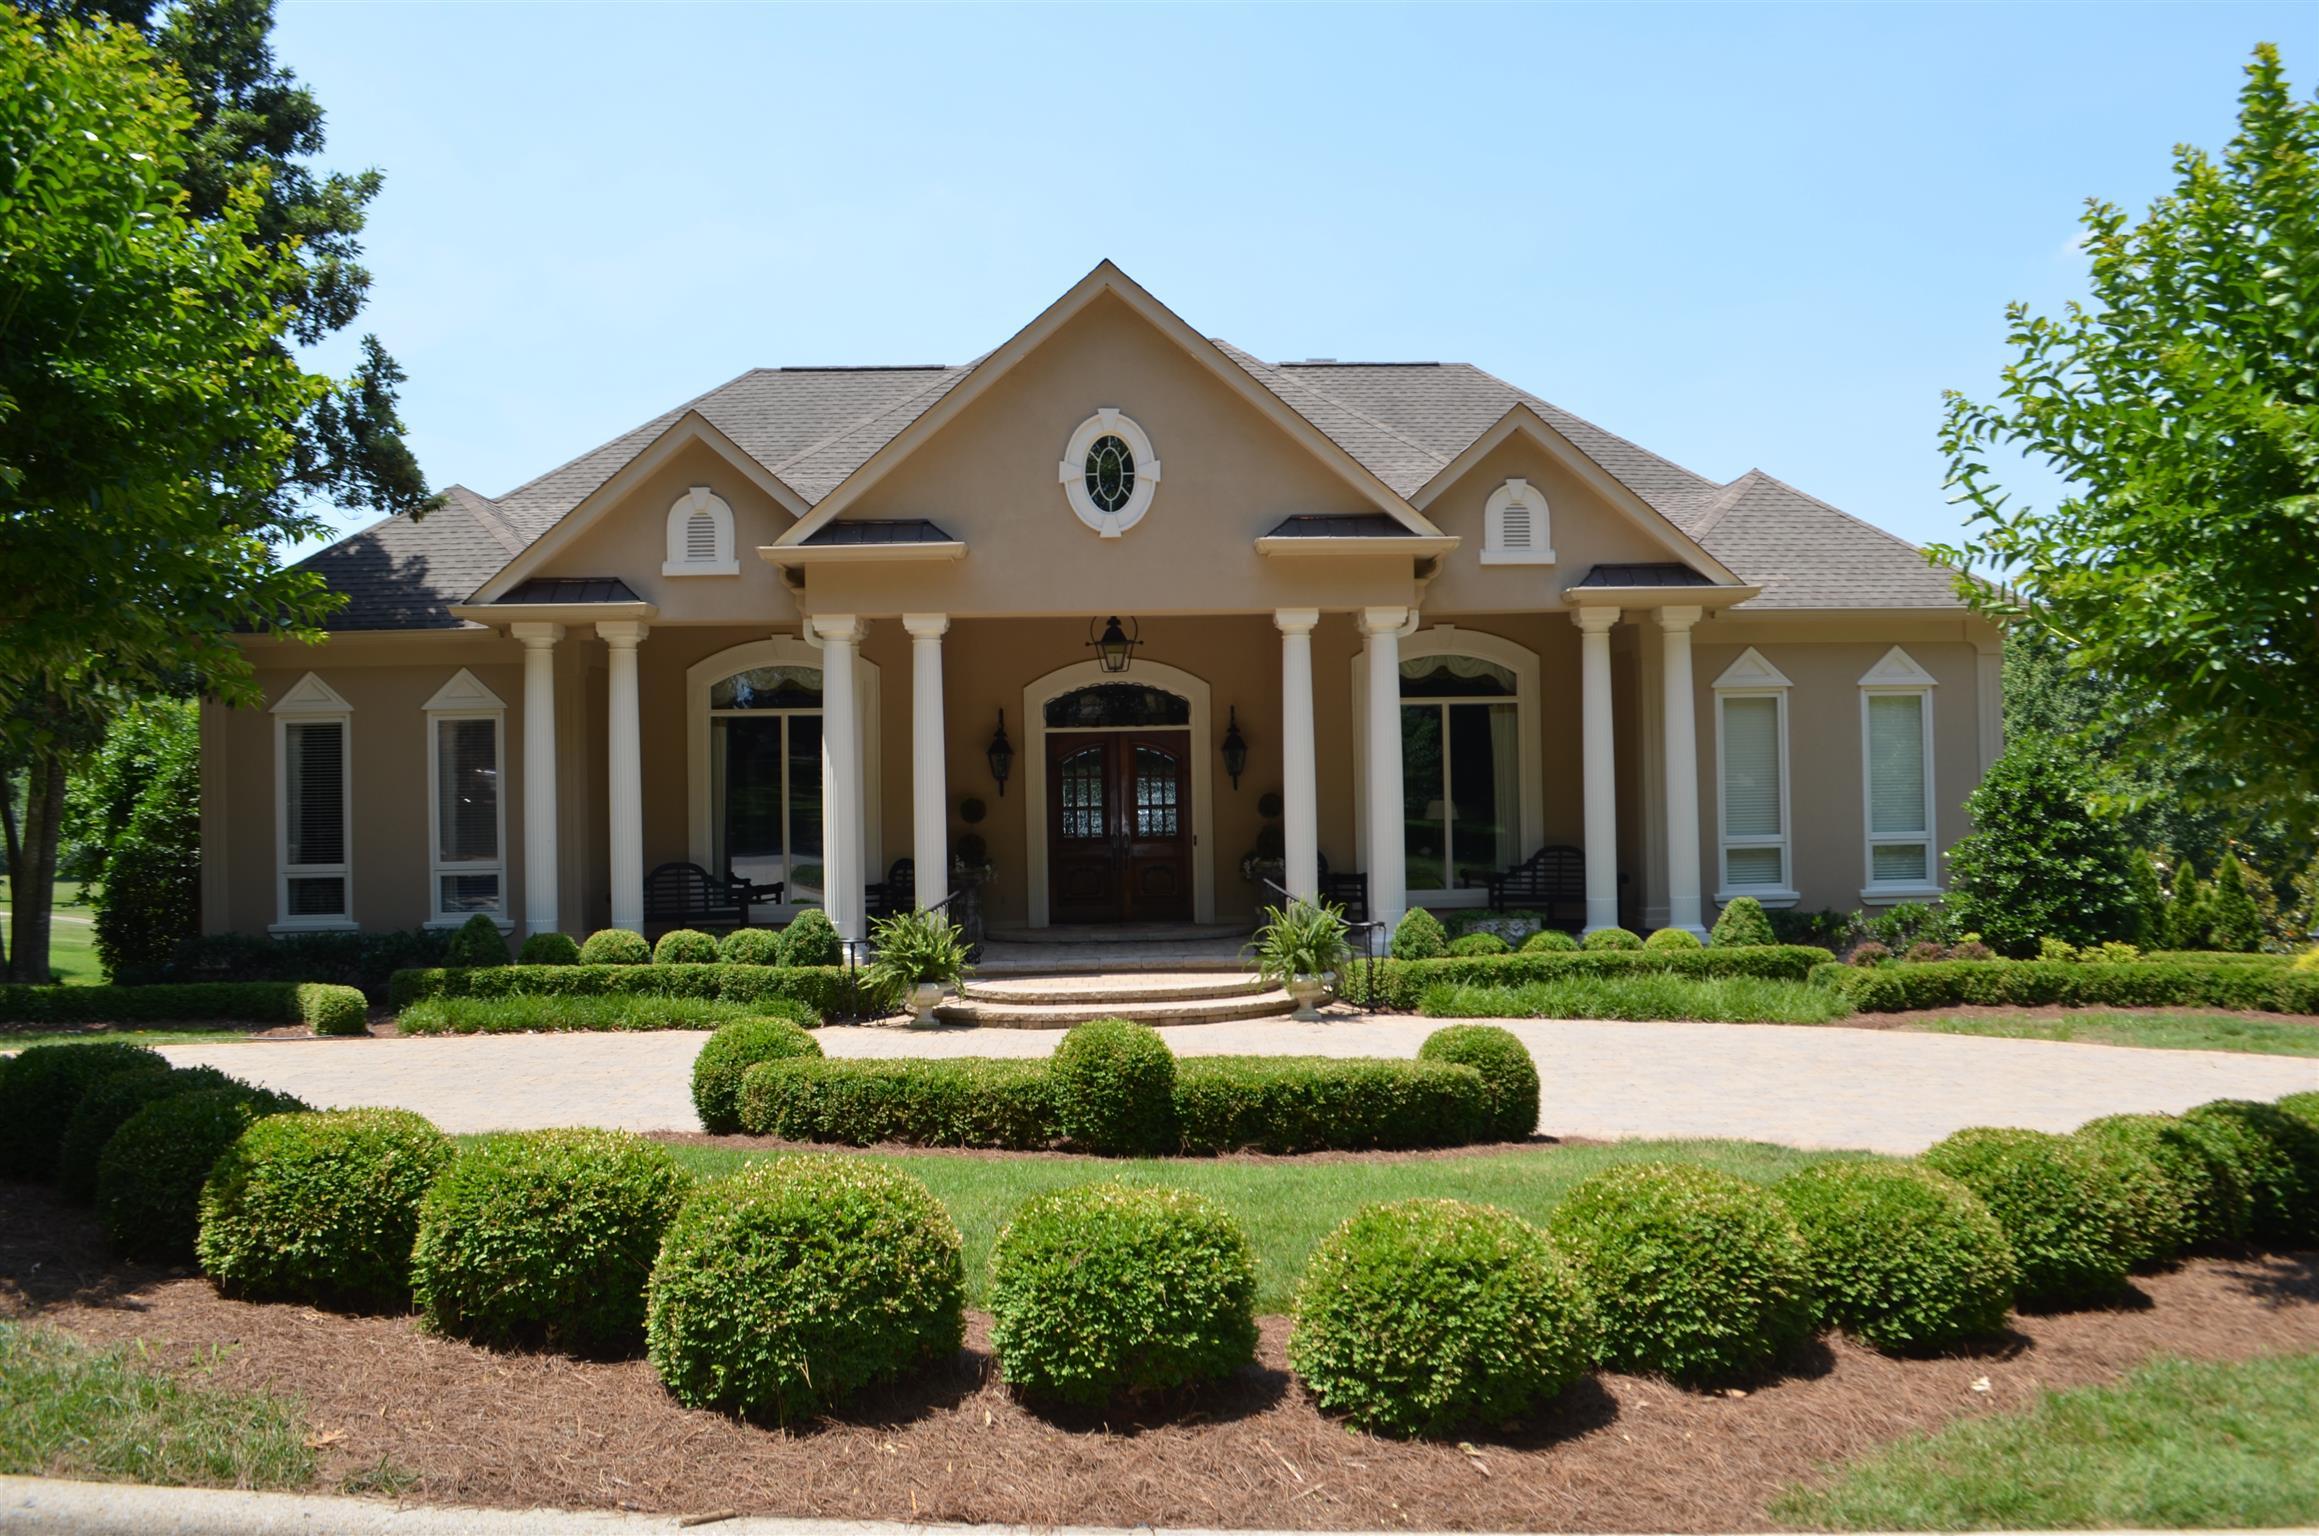 360 Fairway Dr, Clarksville, TN 37043 - Clarksville, TN real estate listing